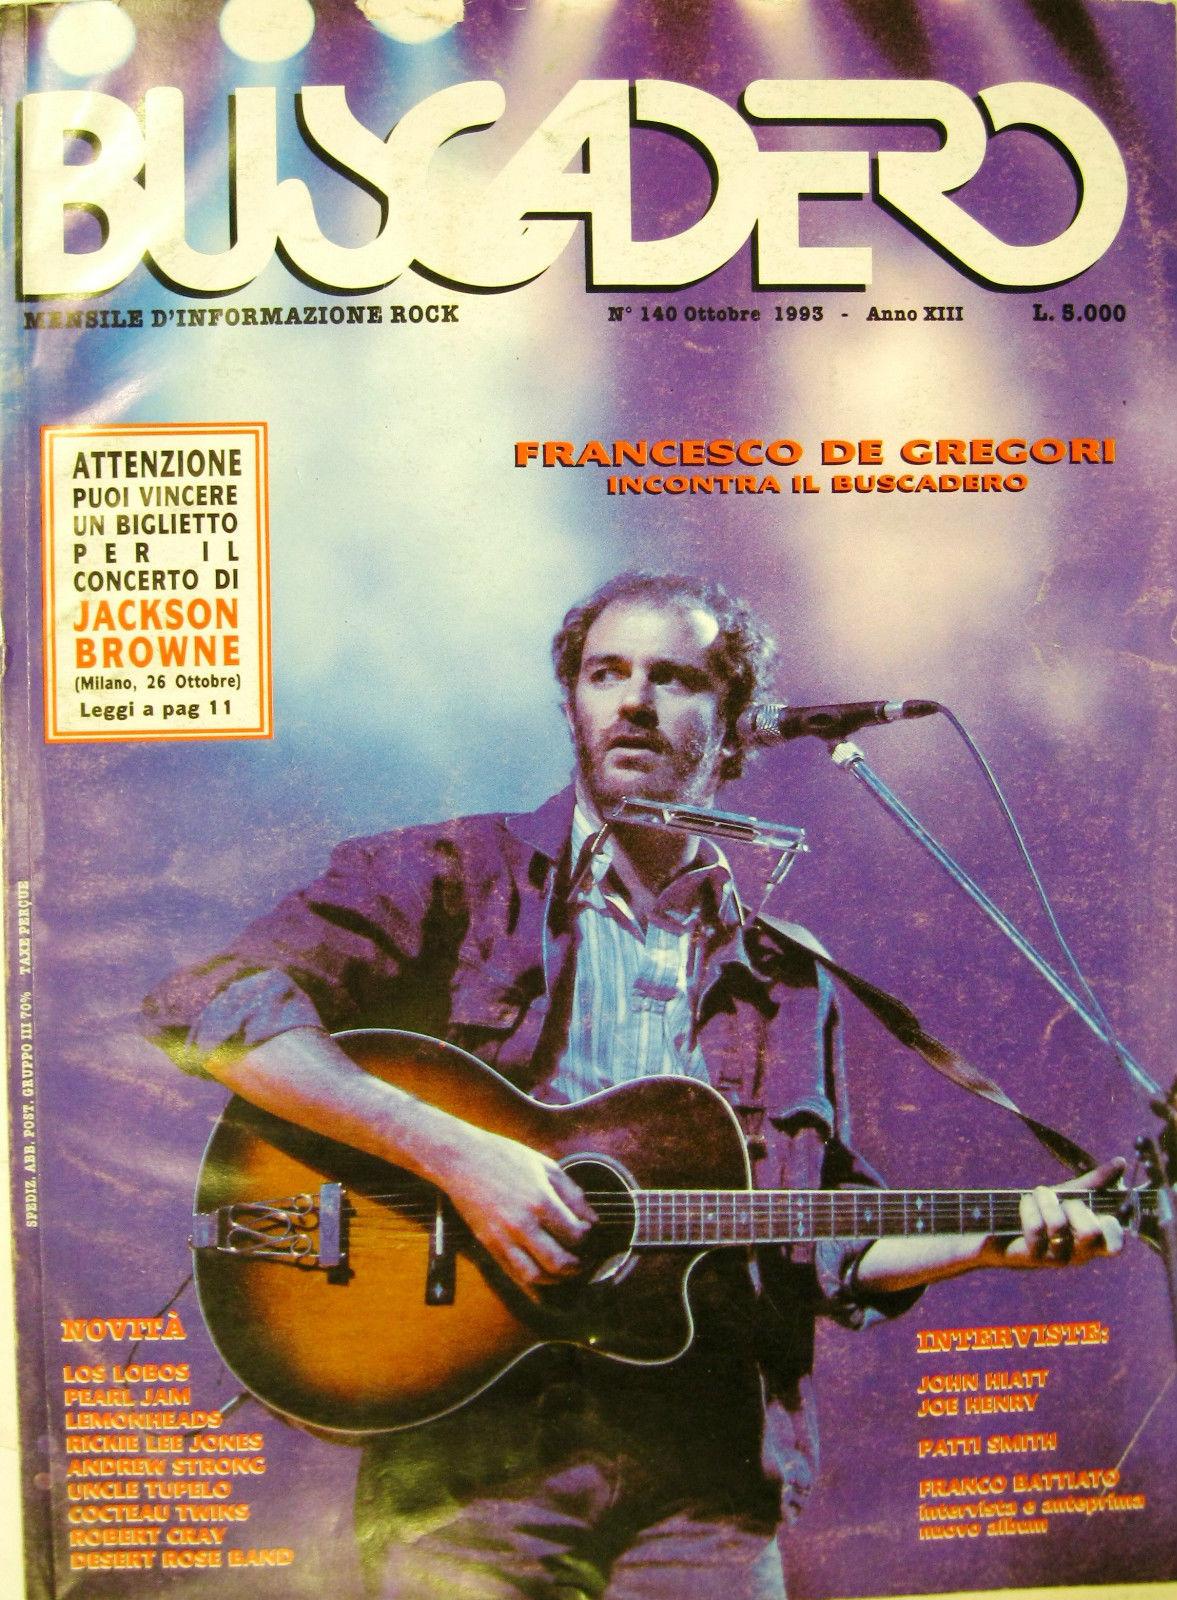 Buscadero n. 140 (ottobre 1993)